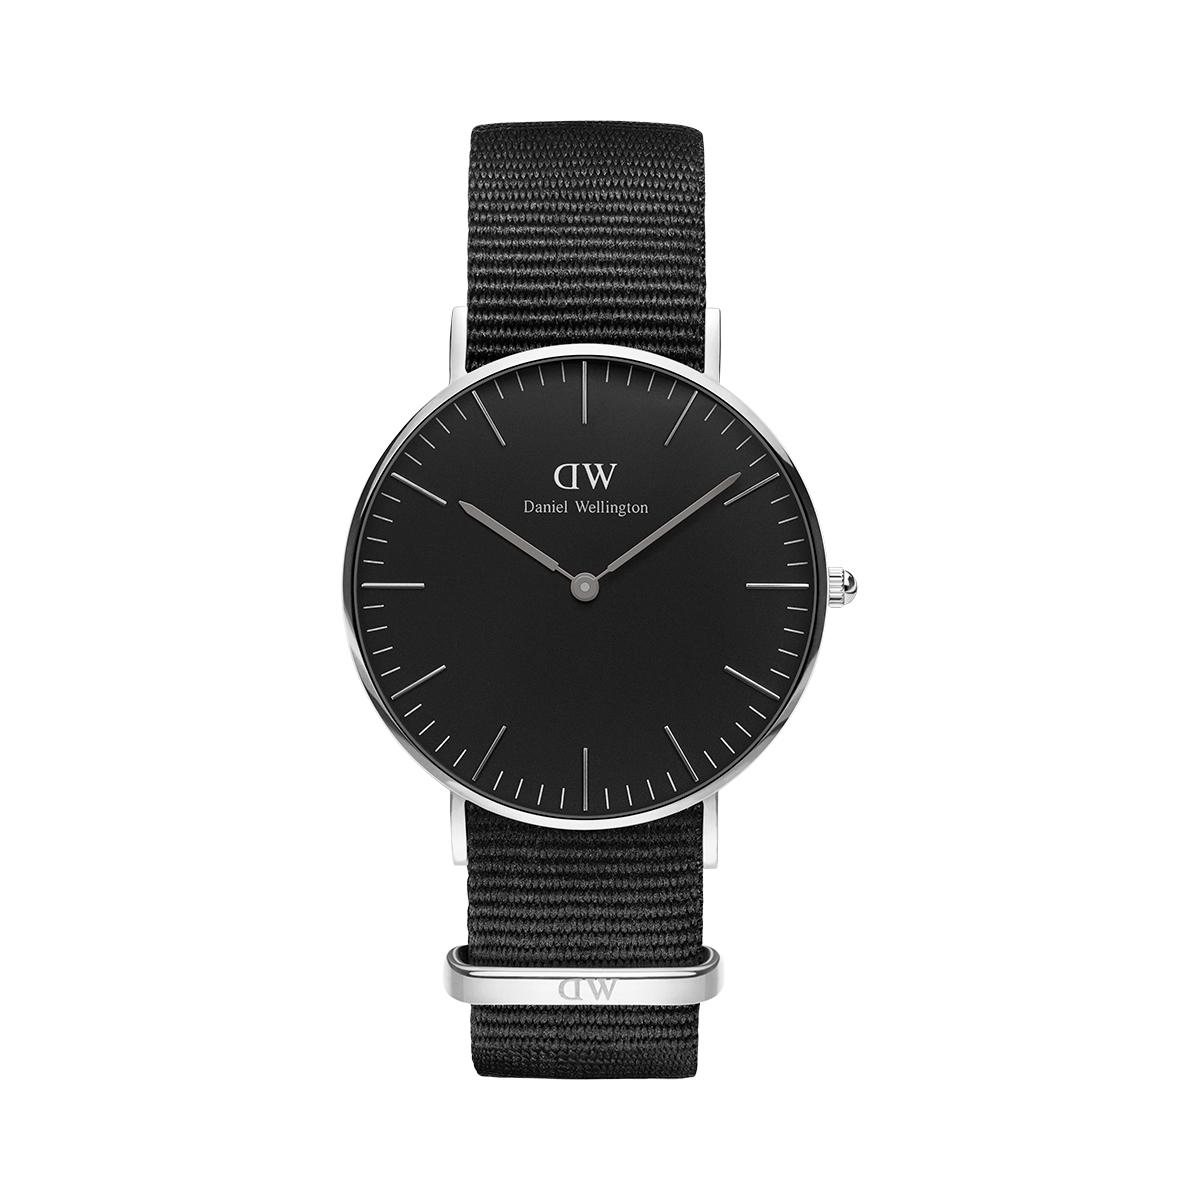 ダニエルウェリントン 36mm Daniel Wellington クラシックブラック コーンウォール シルバー 腕時計